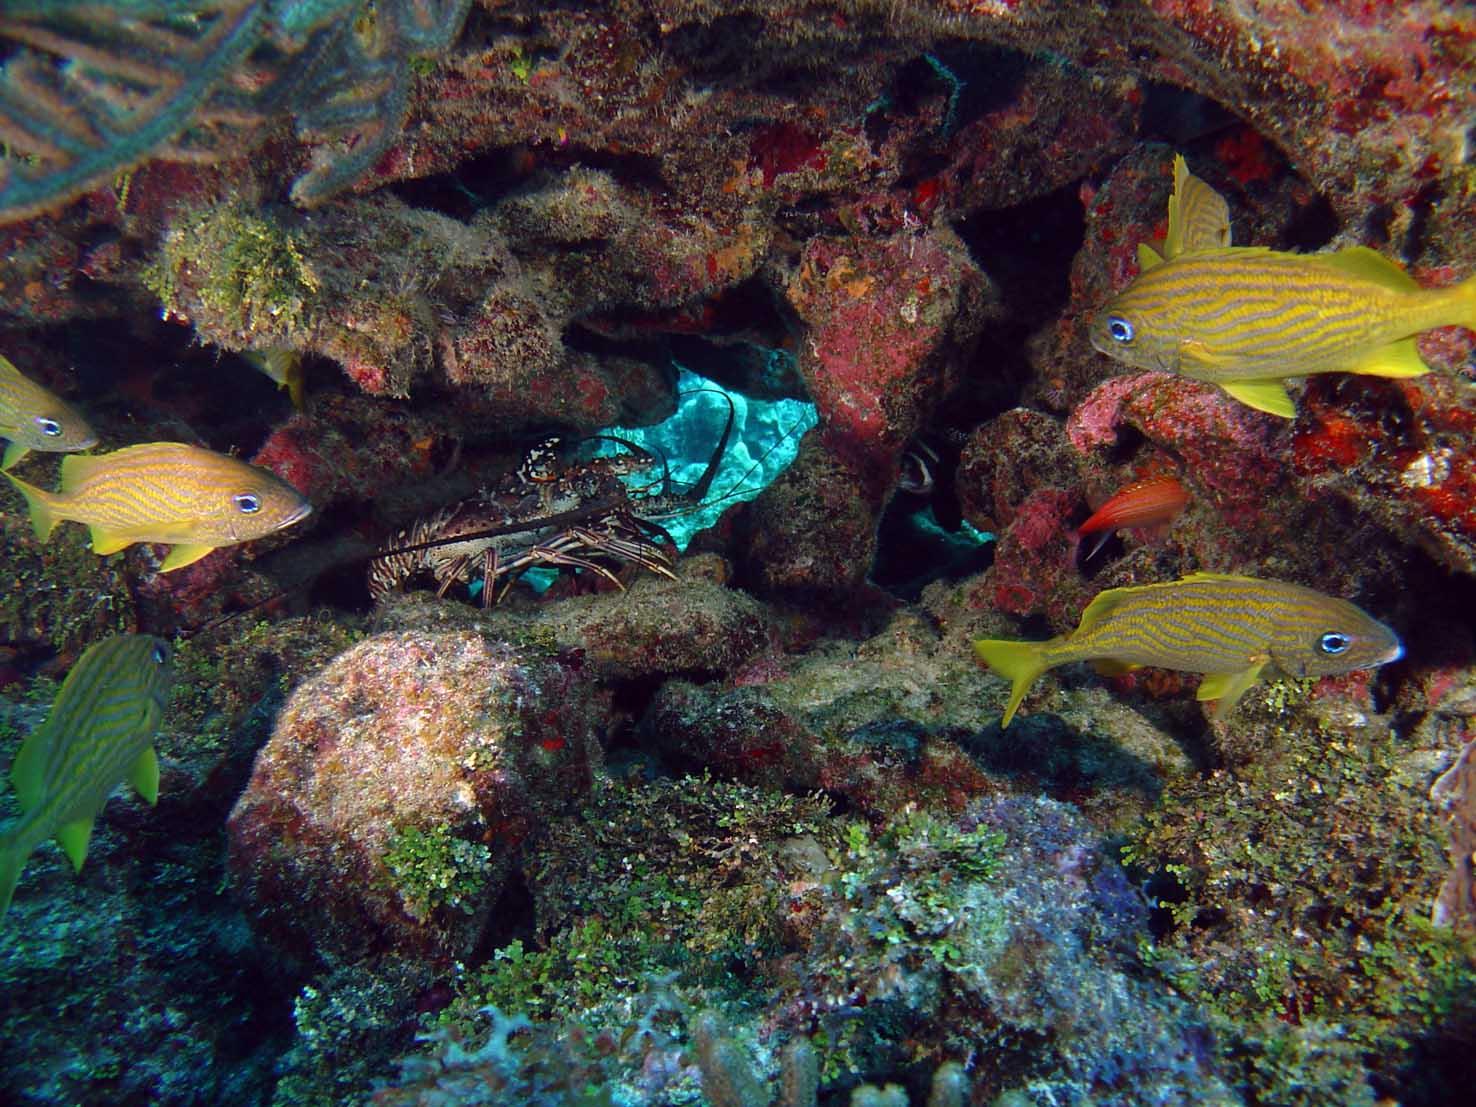 Las Áreas Naturales Protegidas marinas constituyen los sitios mejor conservados de las costas y el mar territorial mexicano.